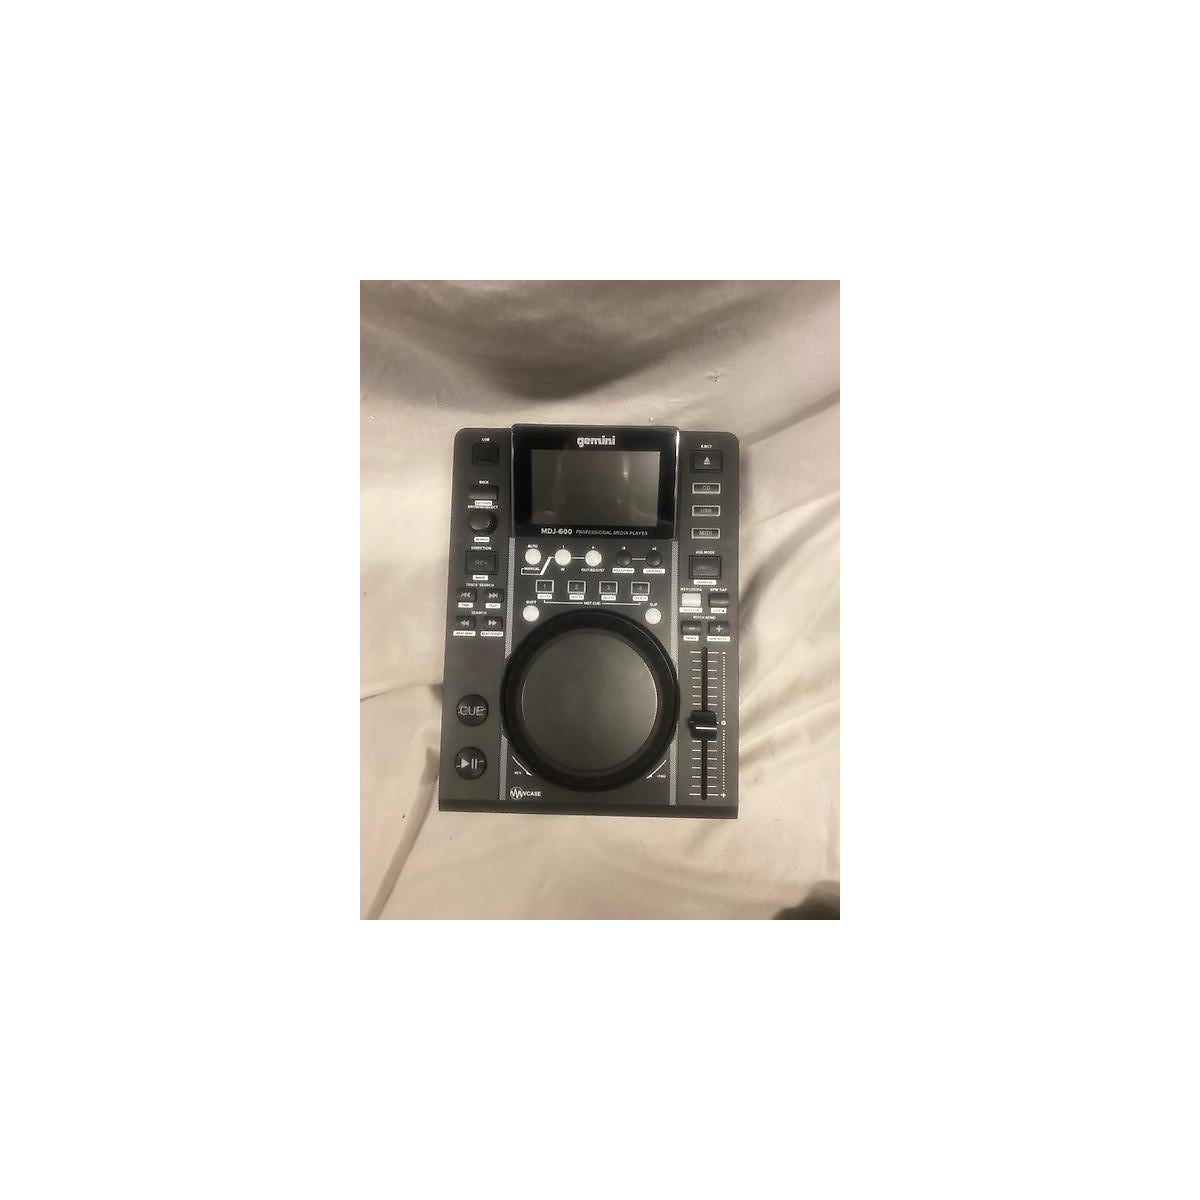 Gemini MDJ-600 DJ Player